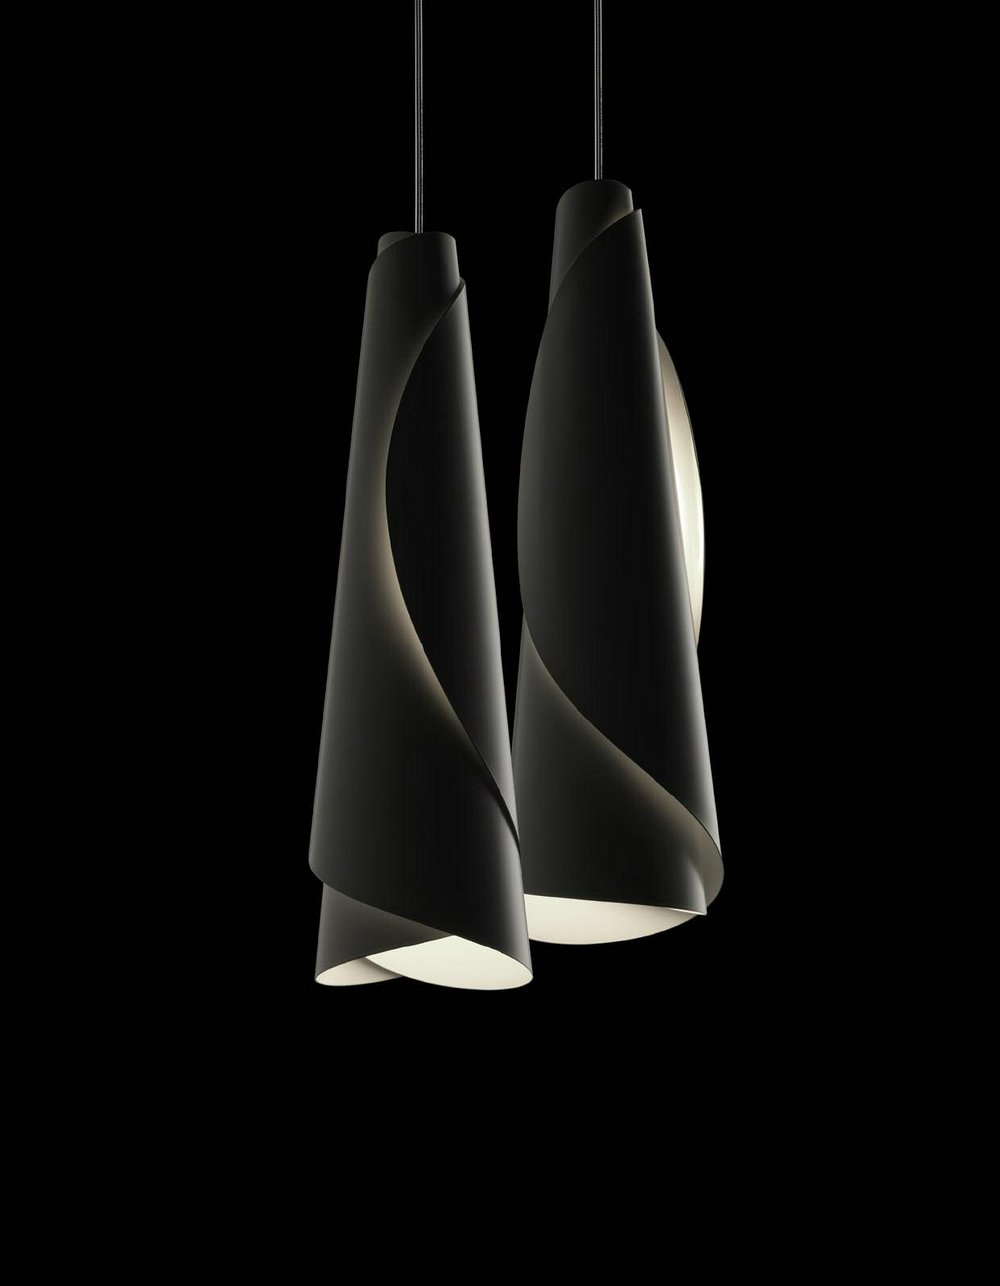 Foscarini maki l mpara colgante gu10 1x35w blanco 219007 - Diseno lamparas colgantes ...